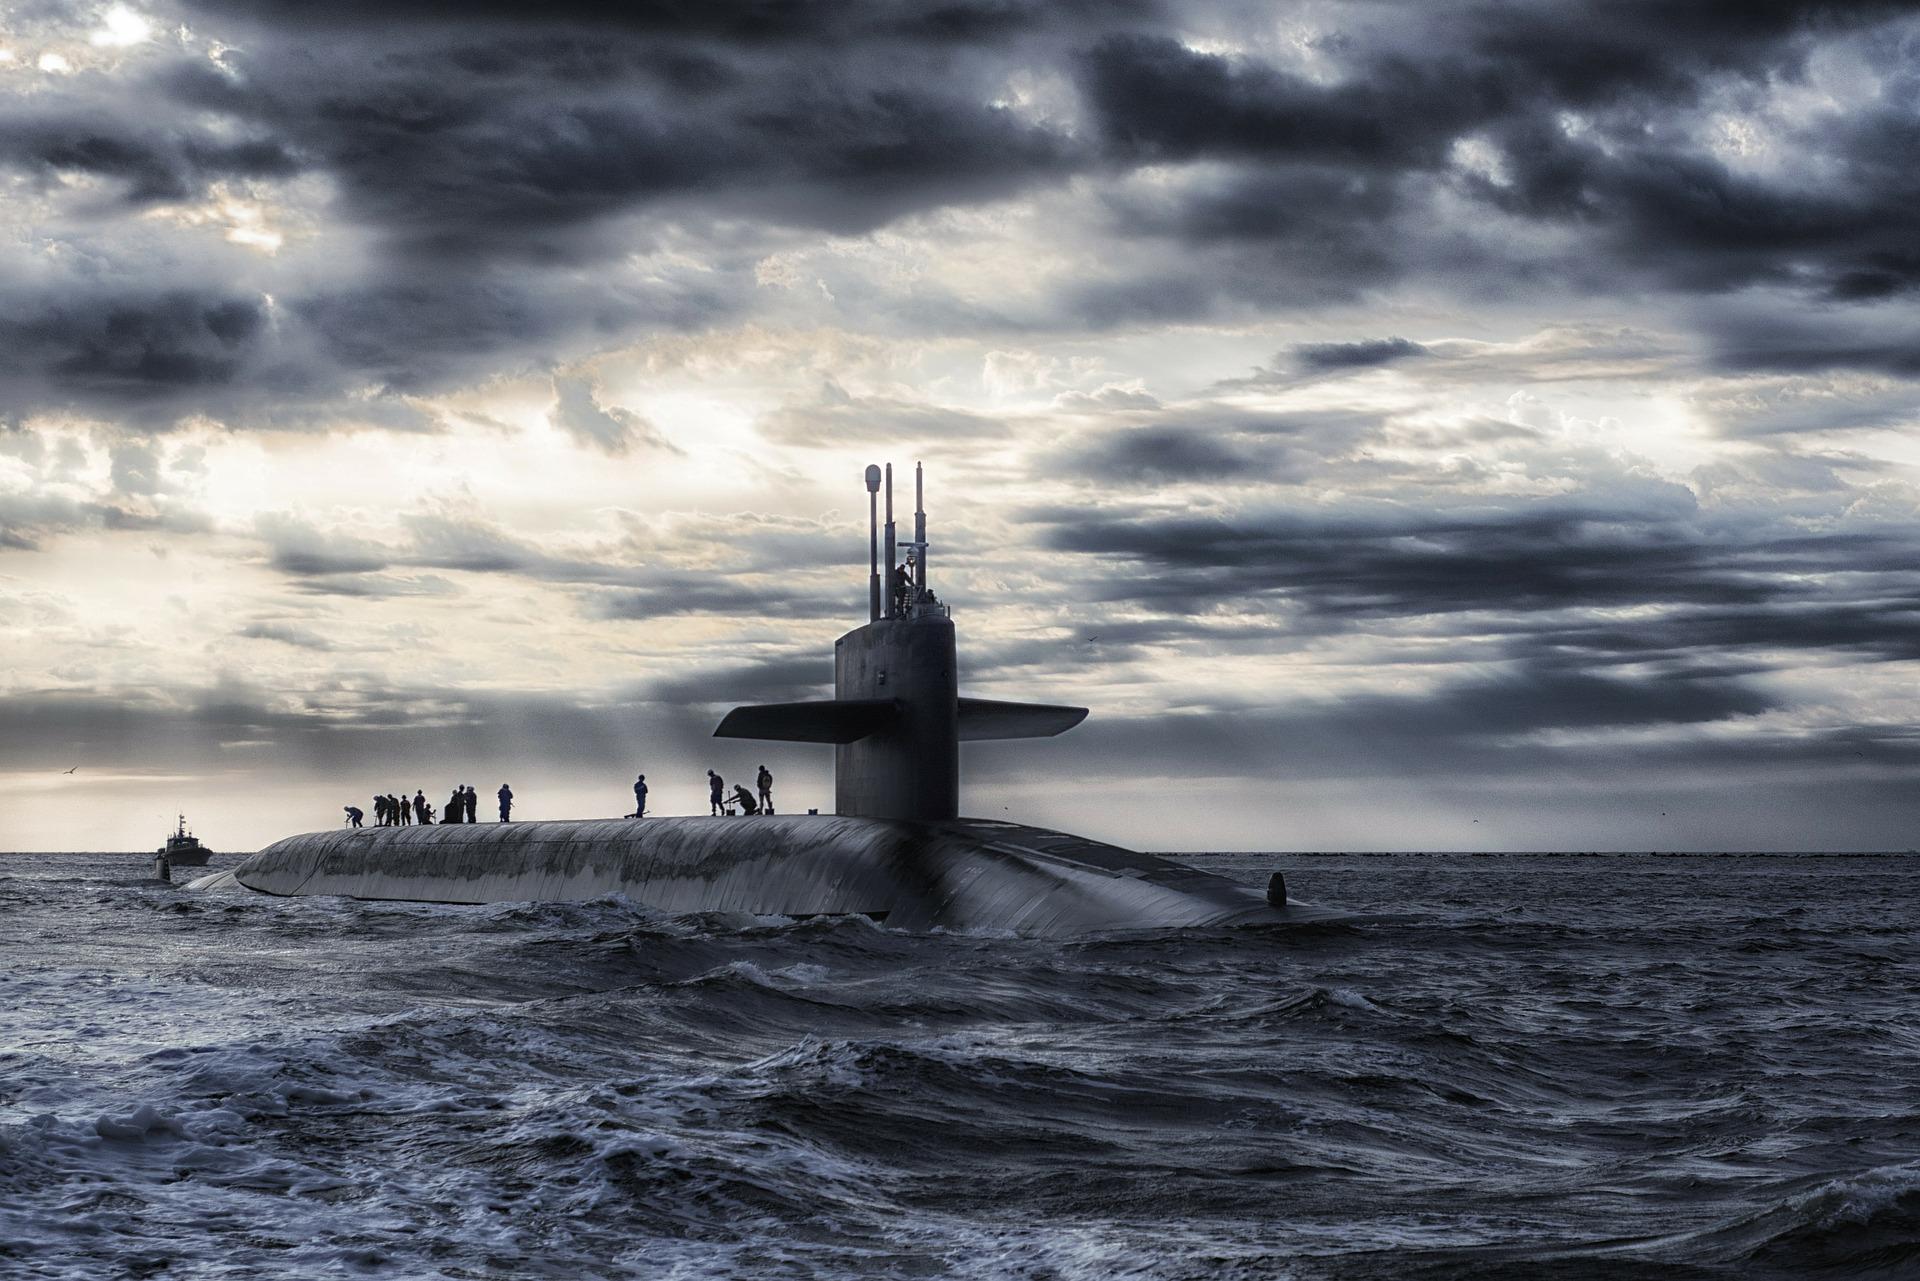 siła wyporu, wypór hydrostatyczny, łódź podwodna